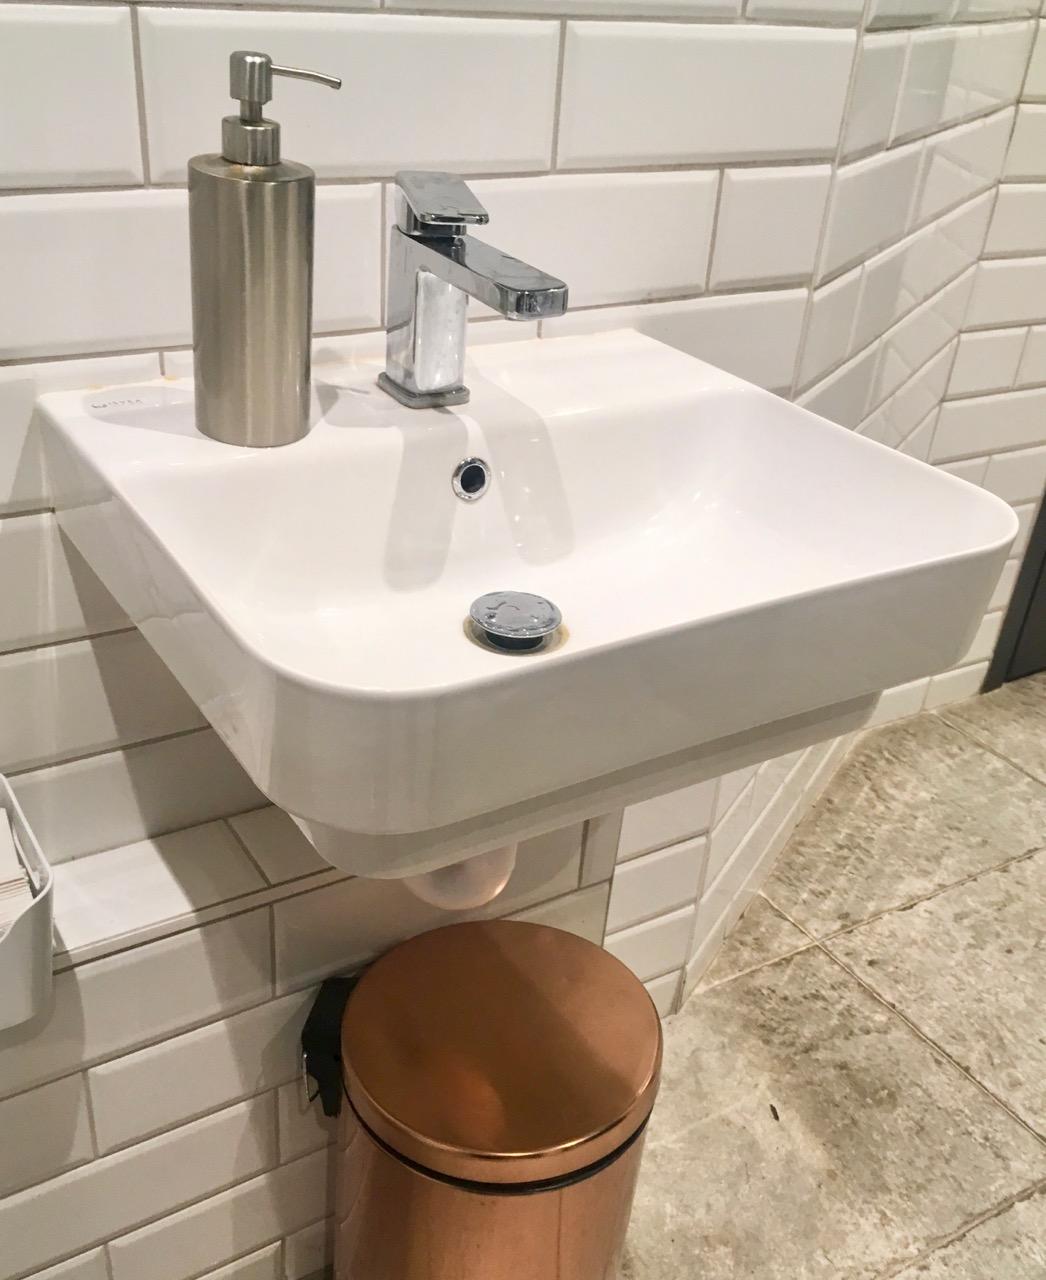 A modern sink and a copper bin